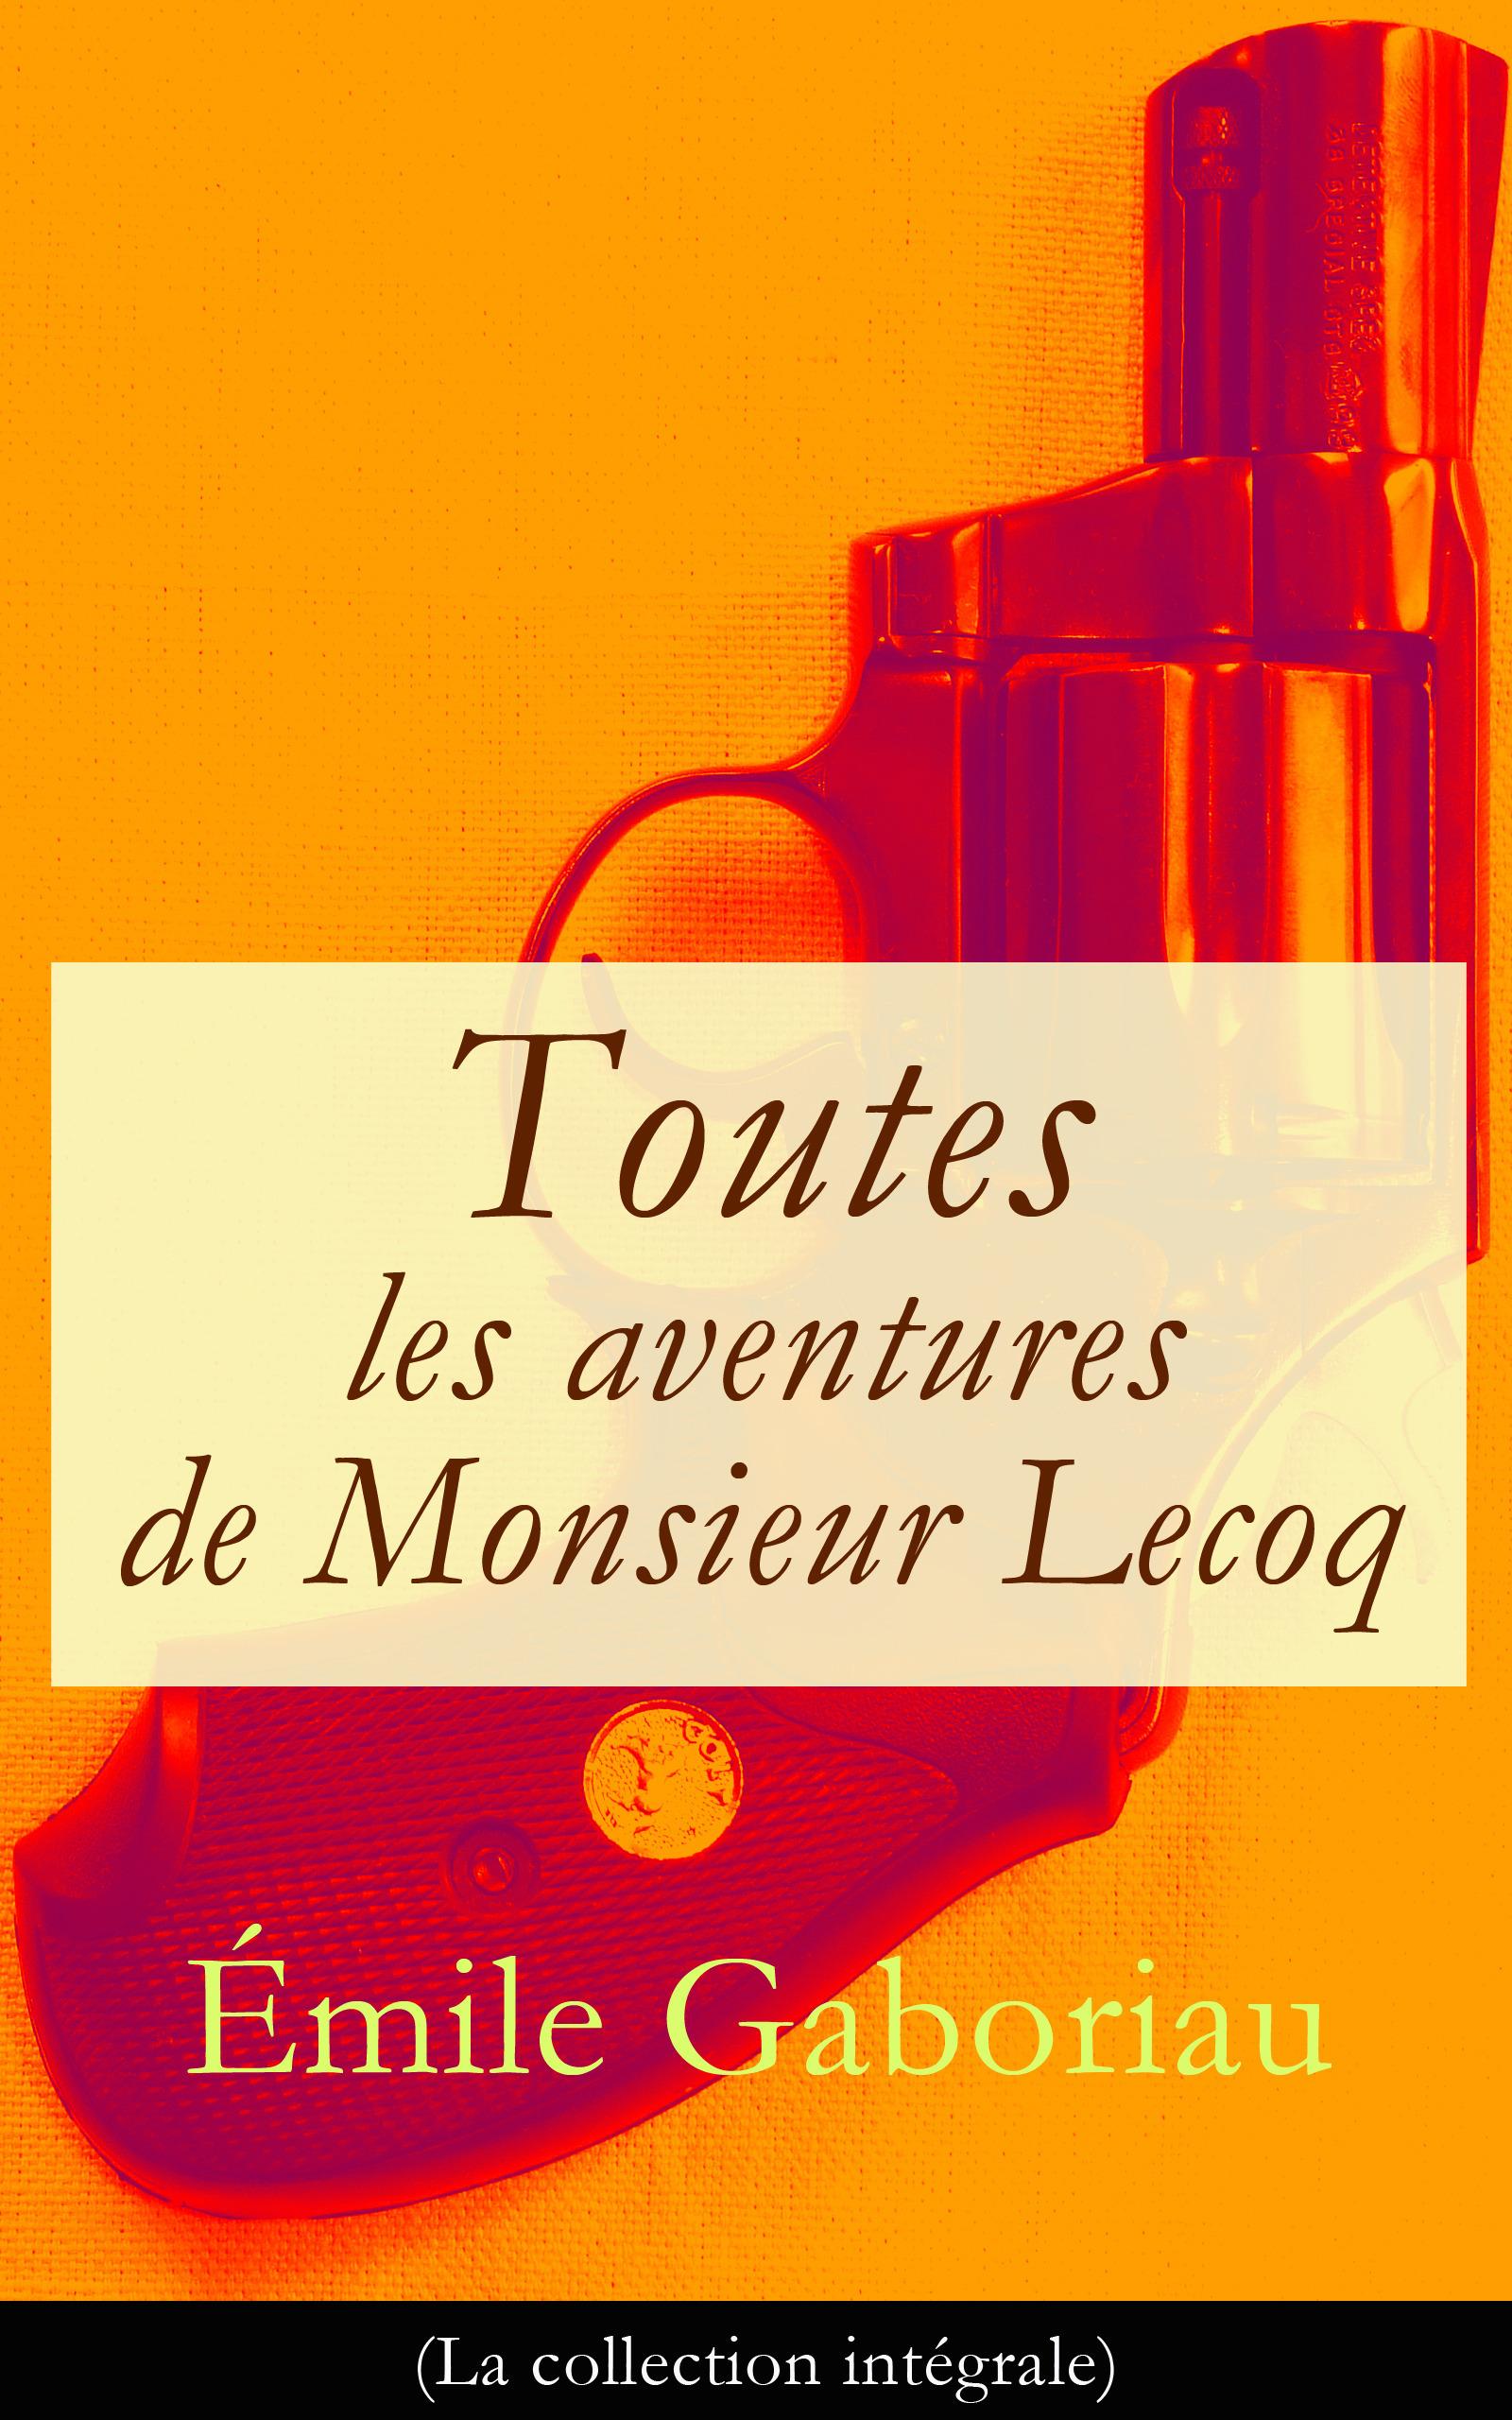 Toutes les aventures de Monsieur Lecoq (La collection intégrale)